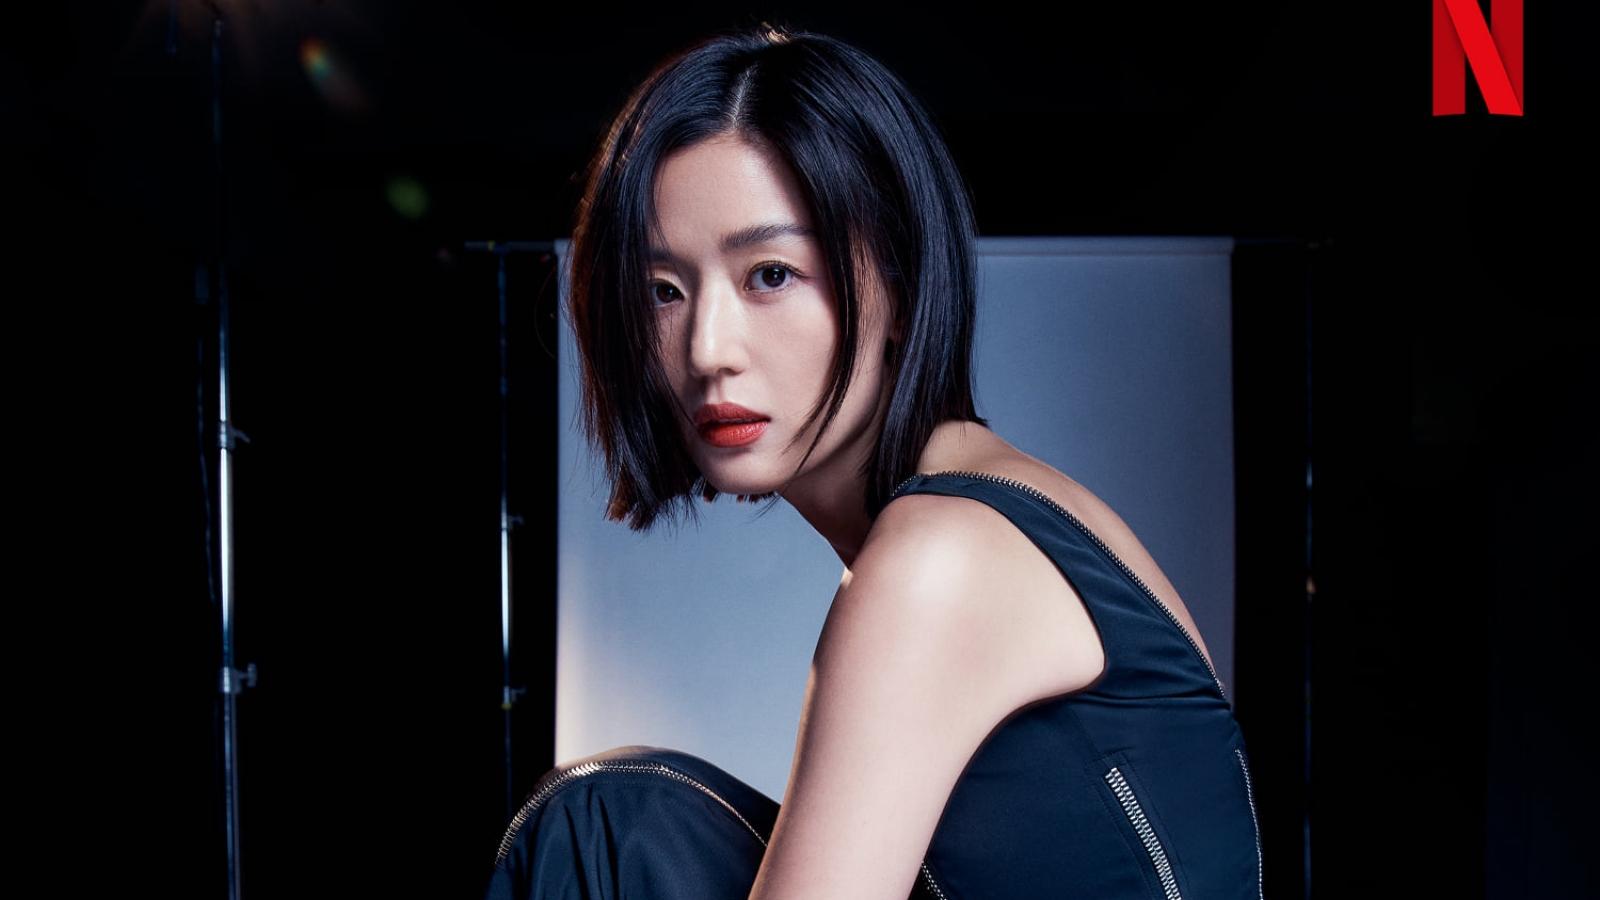 """Jun Ji Hyun bị chê diễn xuất, đạo diễn """"Kingdom: Ashin of the North"""" lên tiếng"""